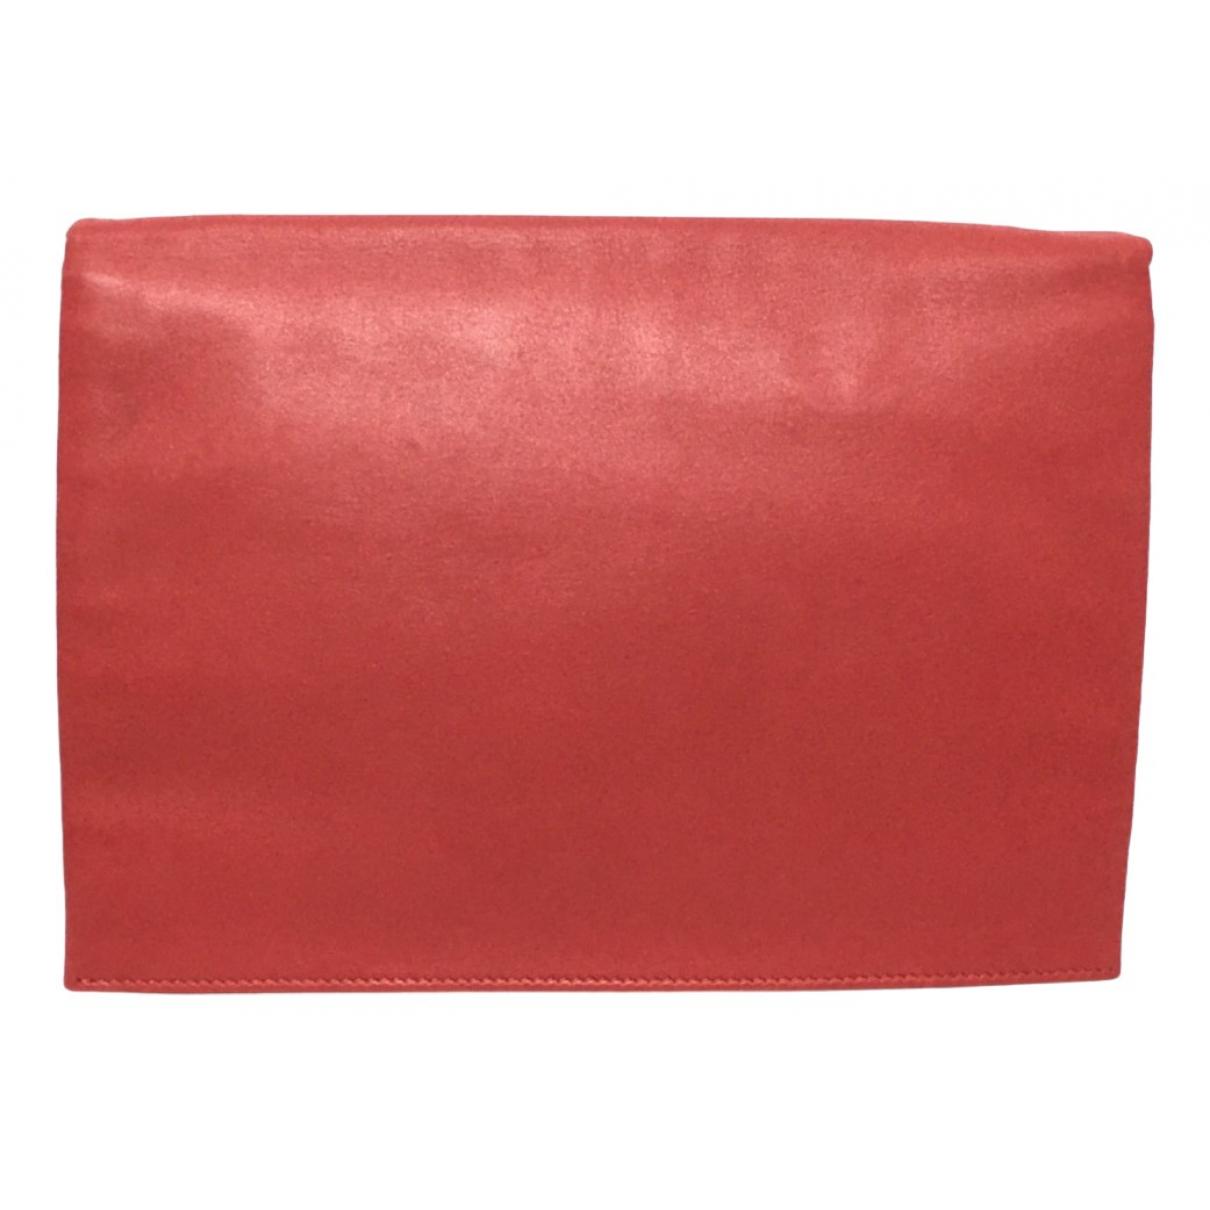 Celine - Pochette   pour femme en cuir - rouge